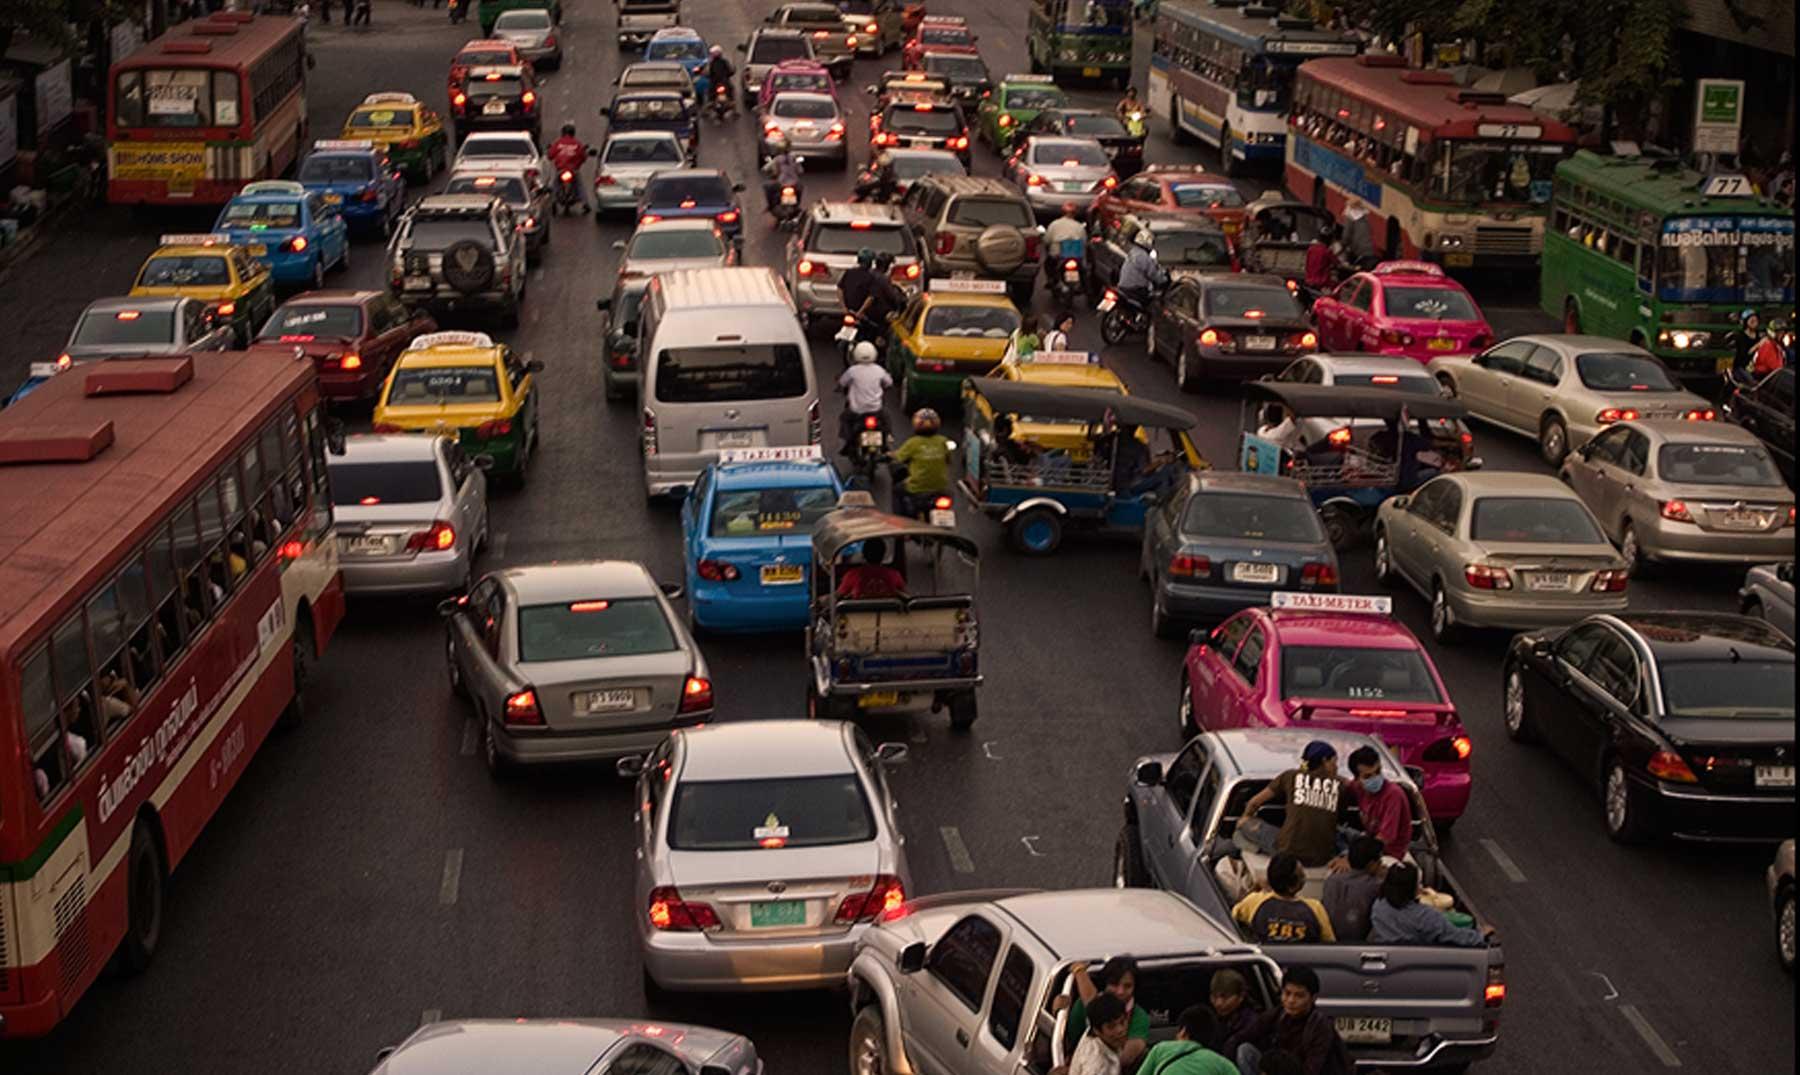 ¿Una ciudad con más automóviles que personas?